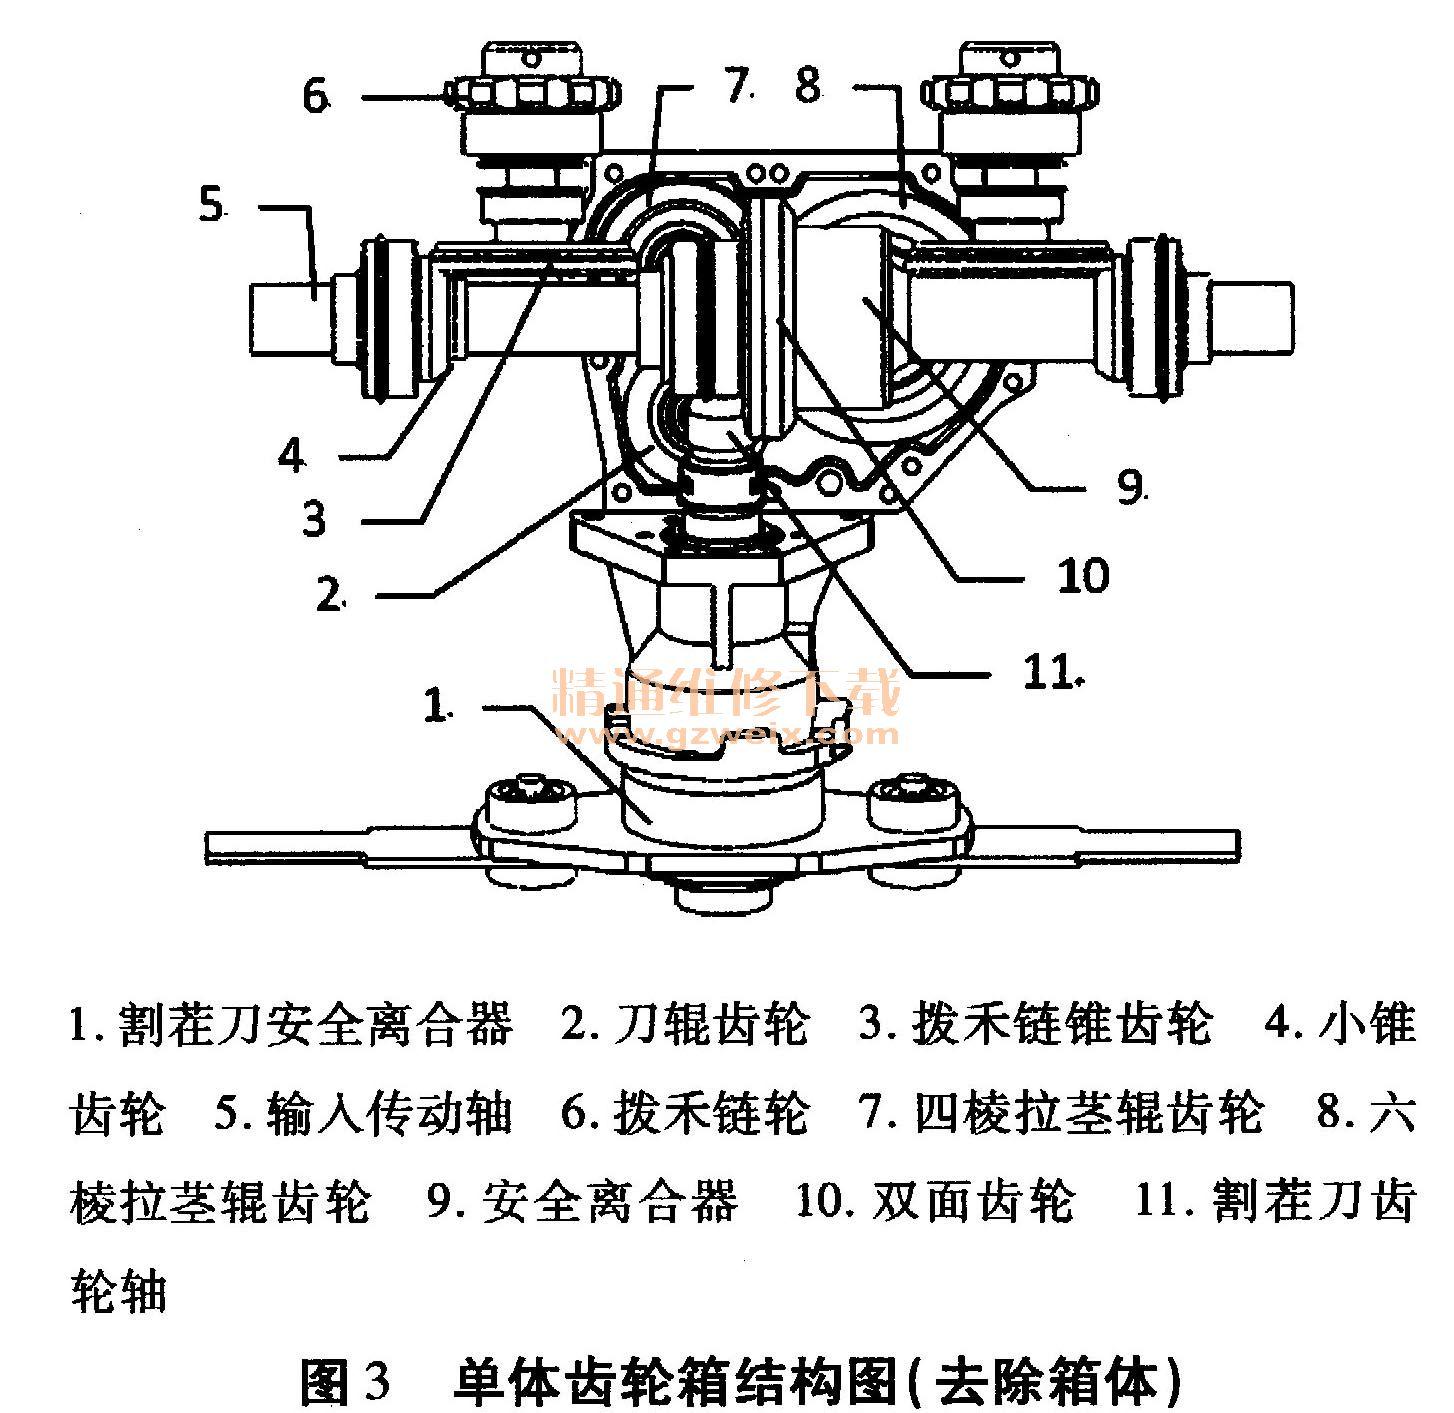 机械设计的作用及目的